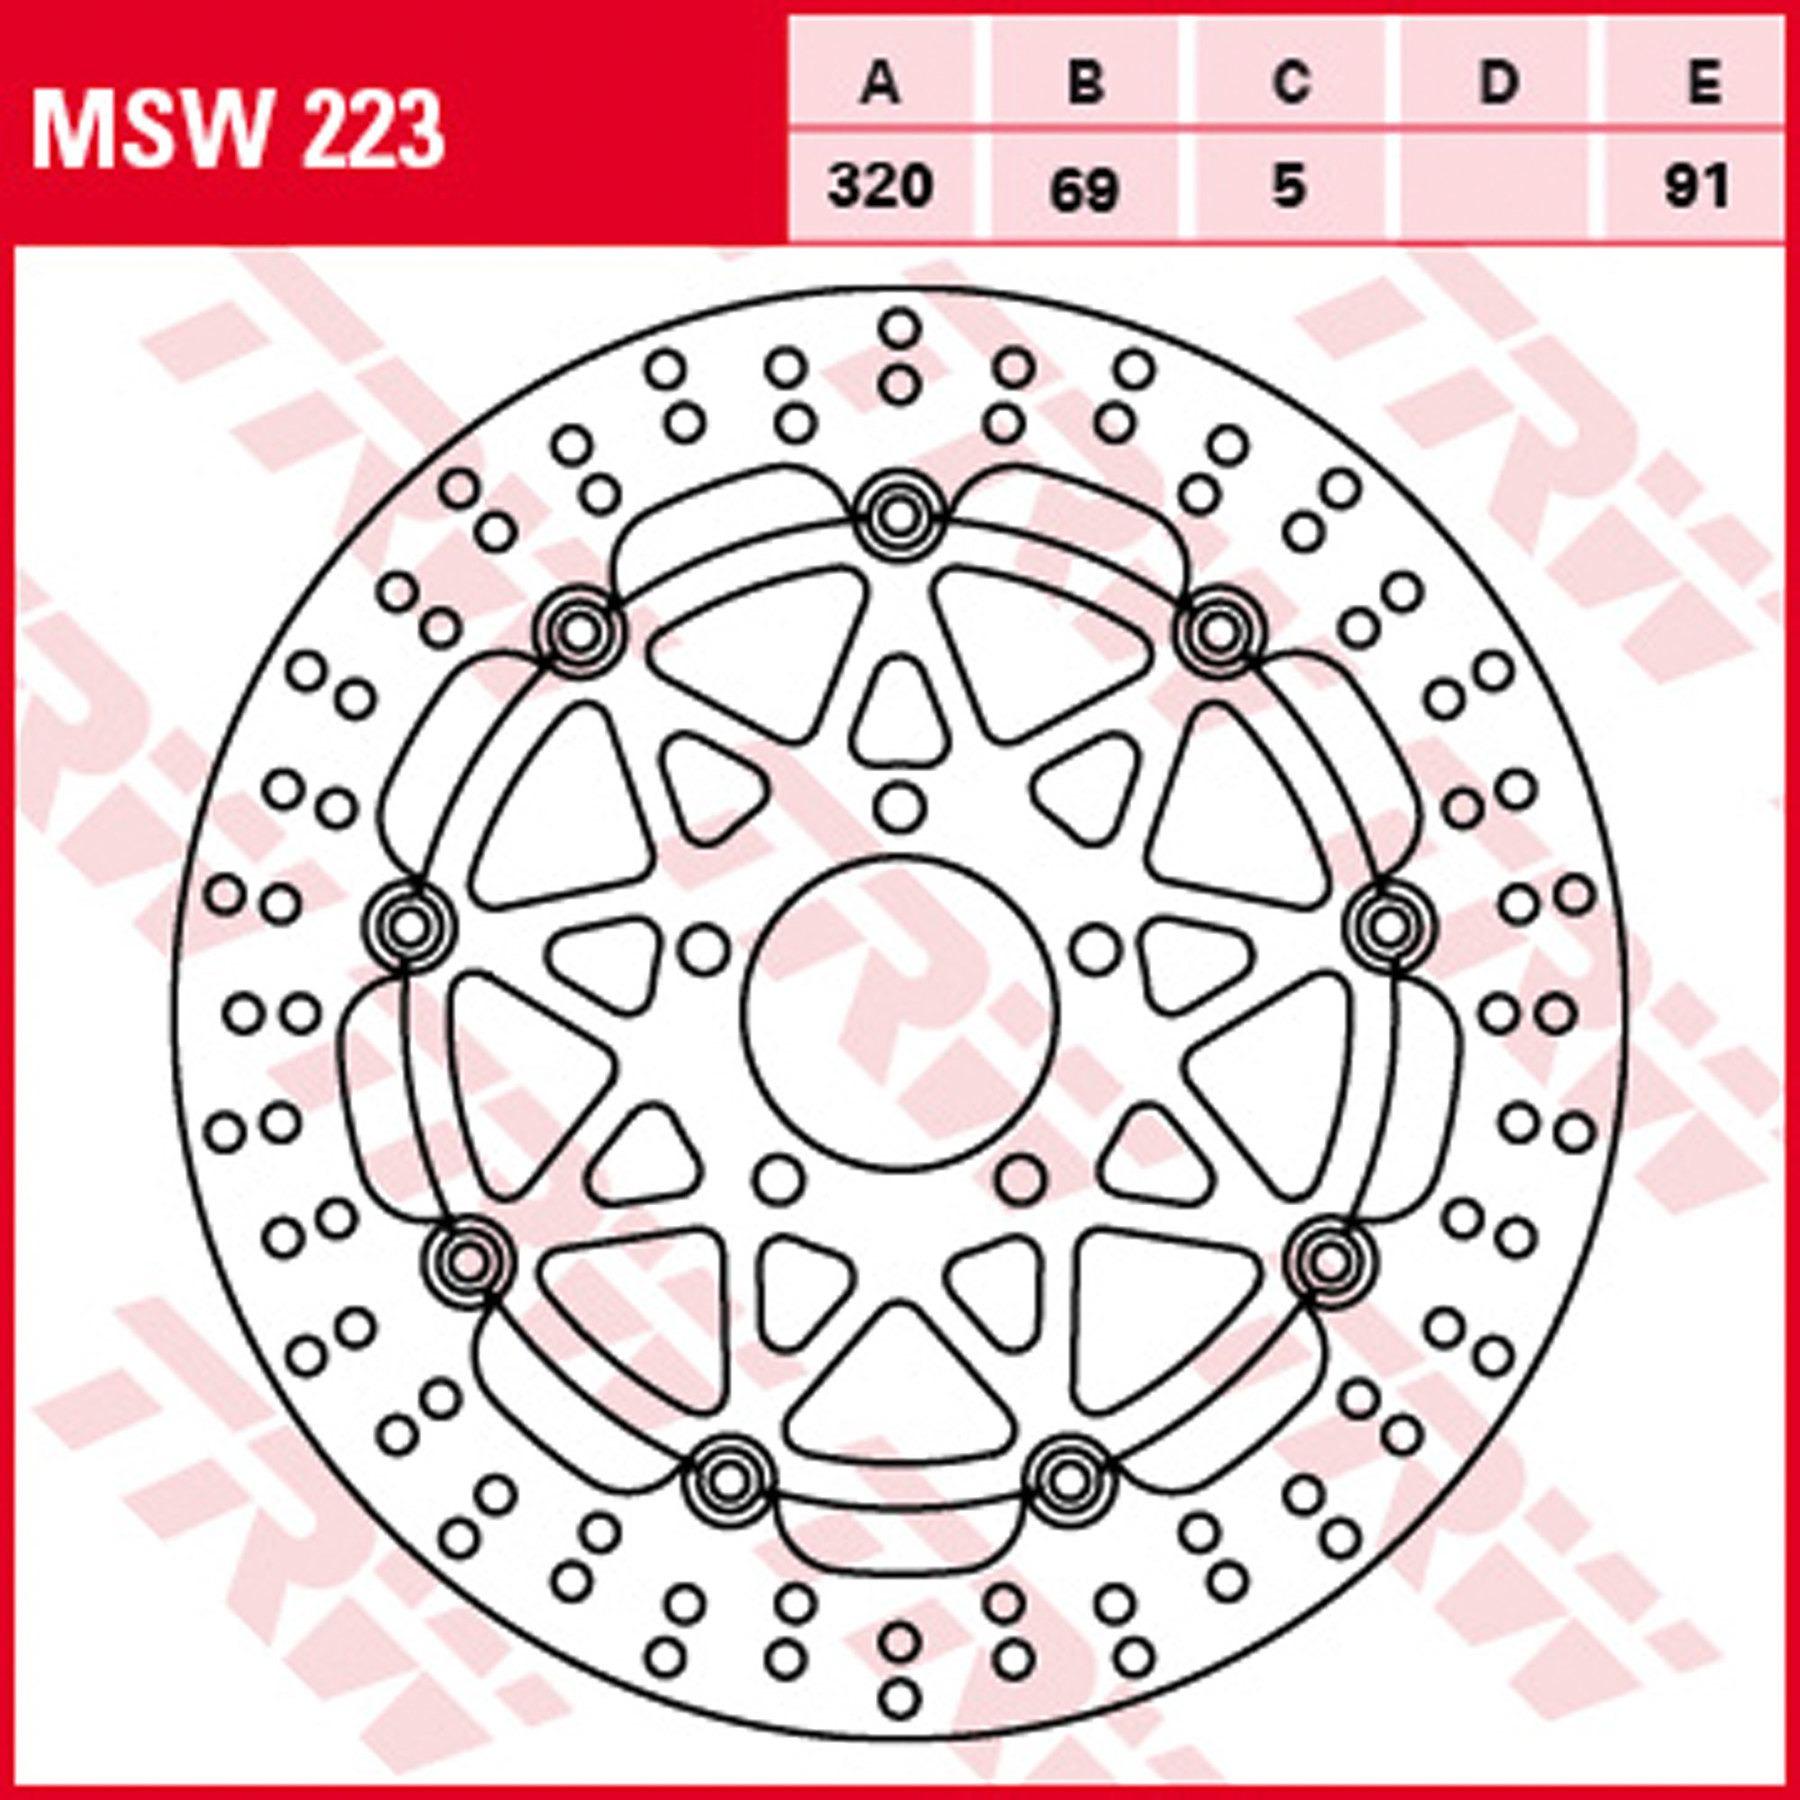 TRW Bremsscheibe vorn MSW248 mit ABE